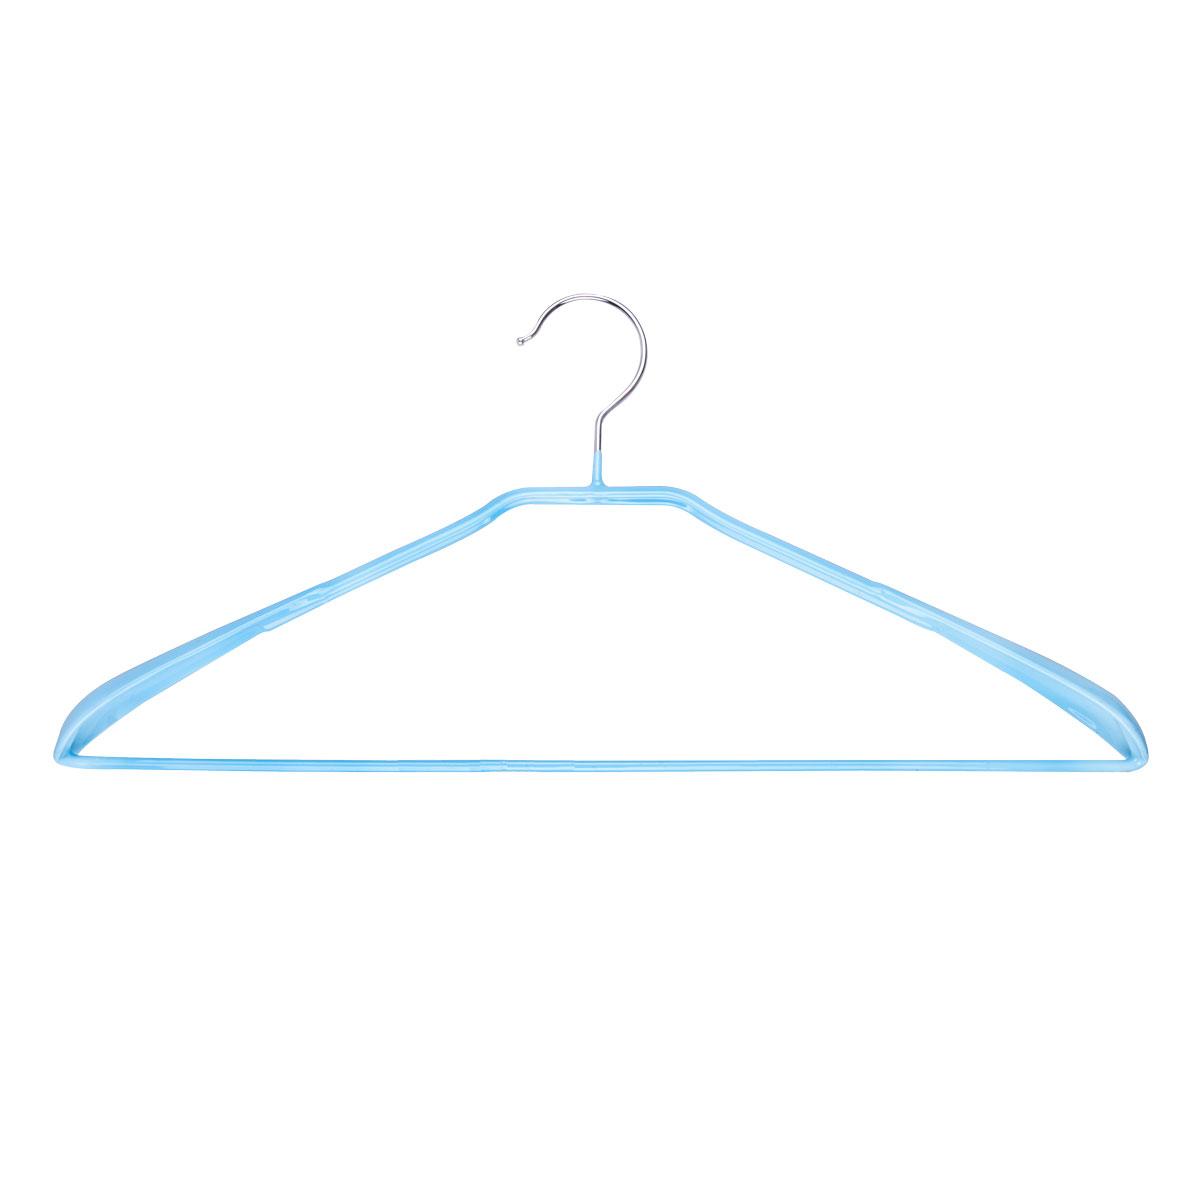 Вешалка для одежды Miolla, с расширенными плечиками, цвет: голубой, 42 х 19 х 3,5 см2511017TB2Универсальная вешалка для одежды Miolla выполнена из прочной стали. Специальное резиновое покрытие предотвращает соскальзывание одежды. Изделие оснащено перекладиной для брюк и расширенными плечиками. Вешалка - это незаменимая вещь для того, чтобы ваша одежда всегда оставалась в хорошем состоянии.